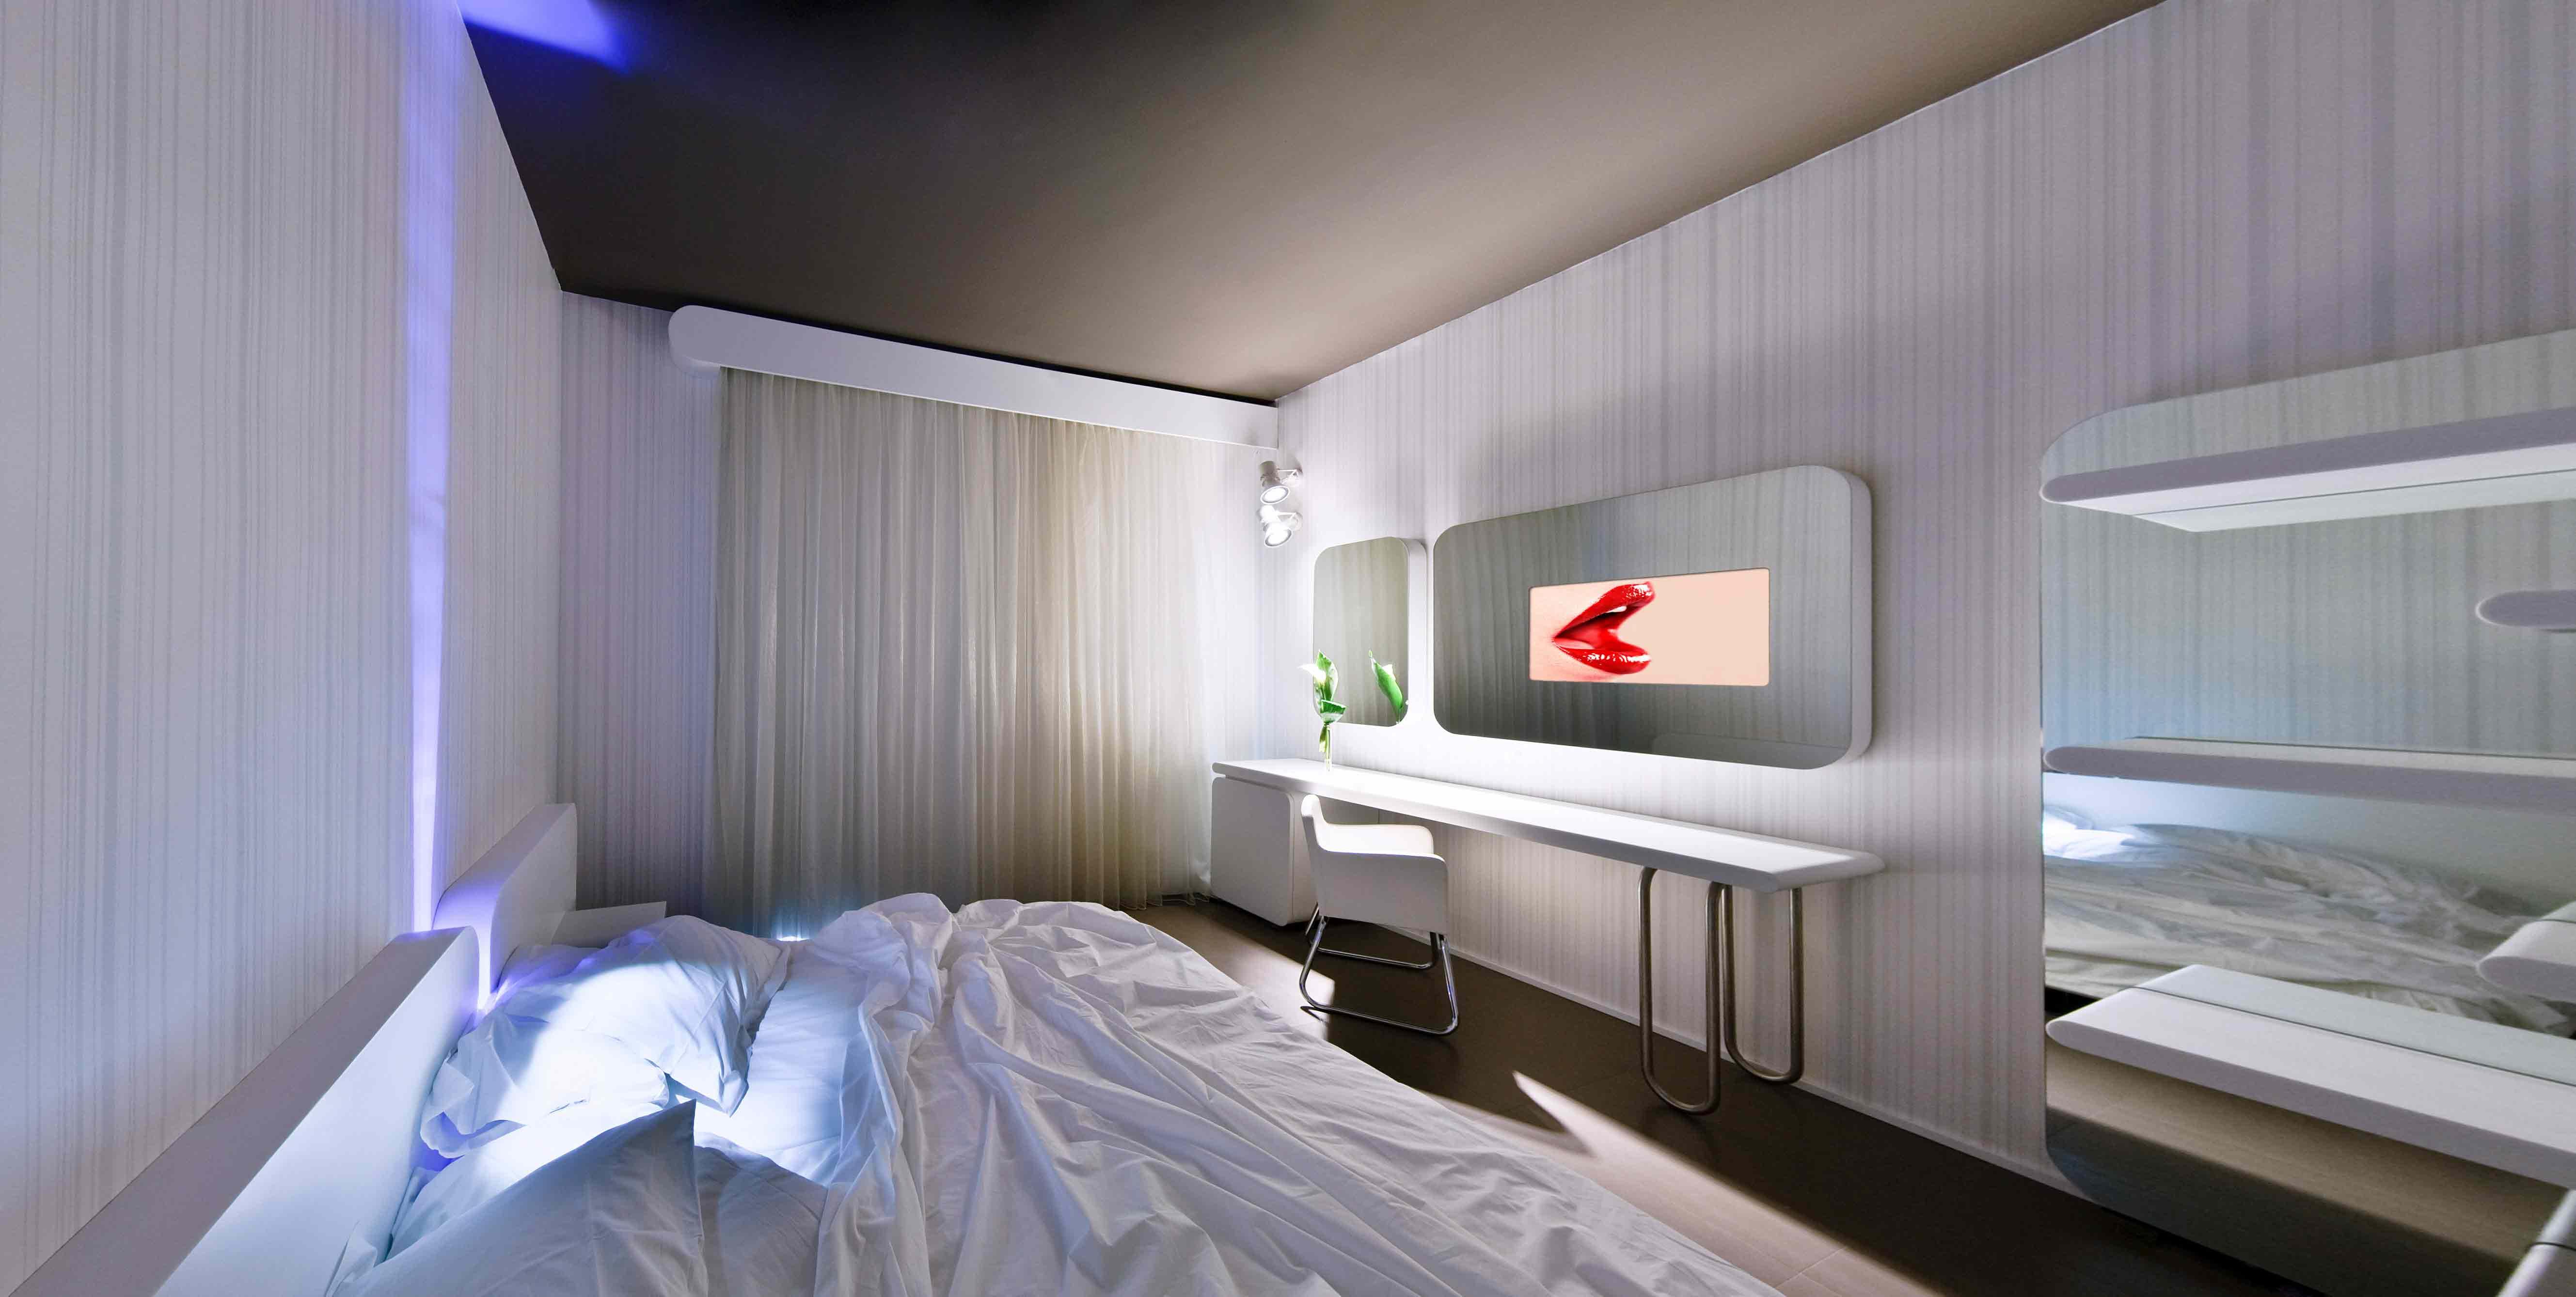 Hotel londra simone micheli architectural hero for Design hotel londra